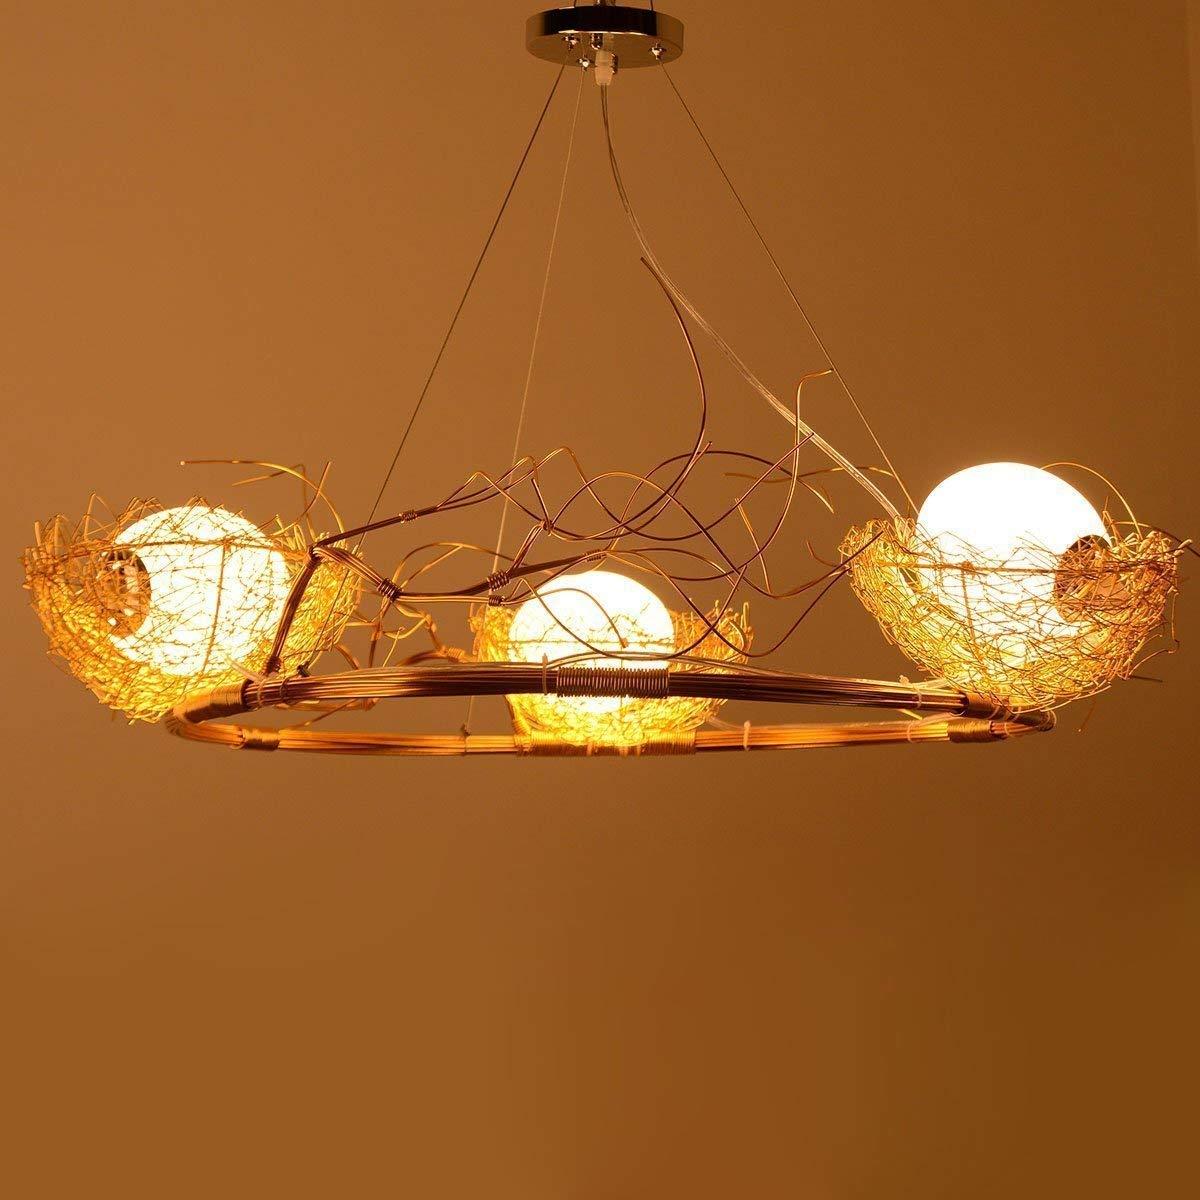 Crystal Bedroom Chandeliers Bedroom Furniture Za Bedroom Lighting Fixture Bedroom Decor Tumblr: Ceiling Lighting